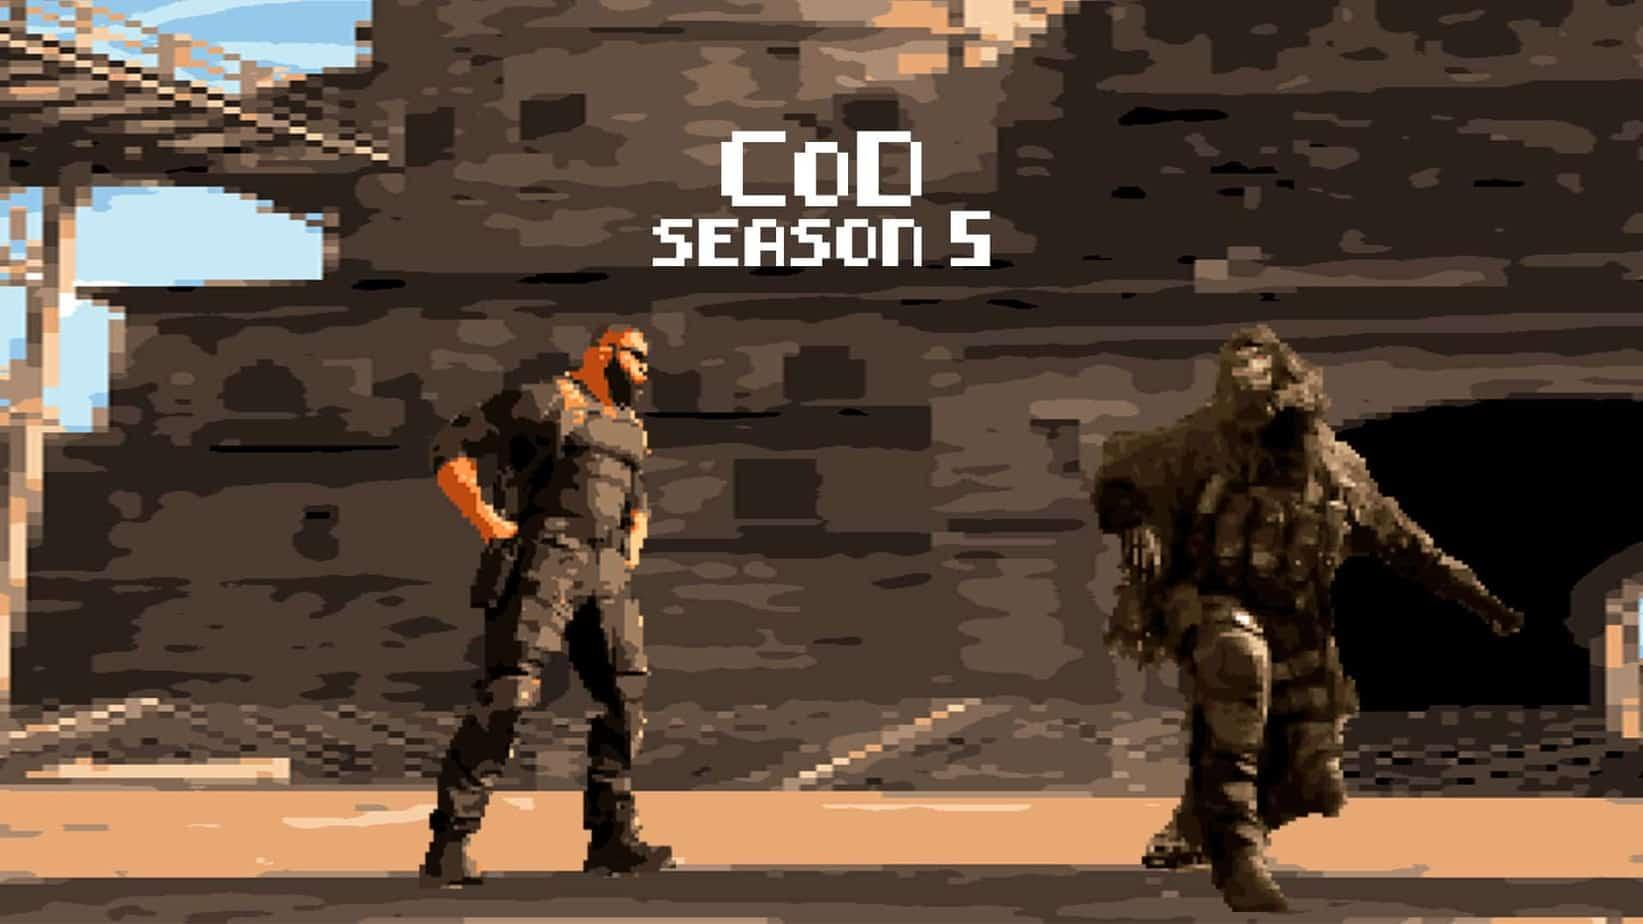 Call of Duty Season 5